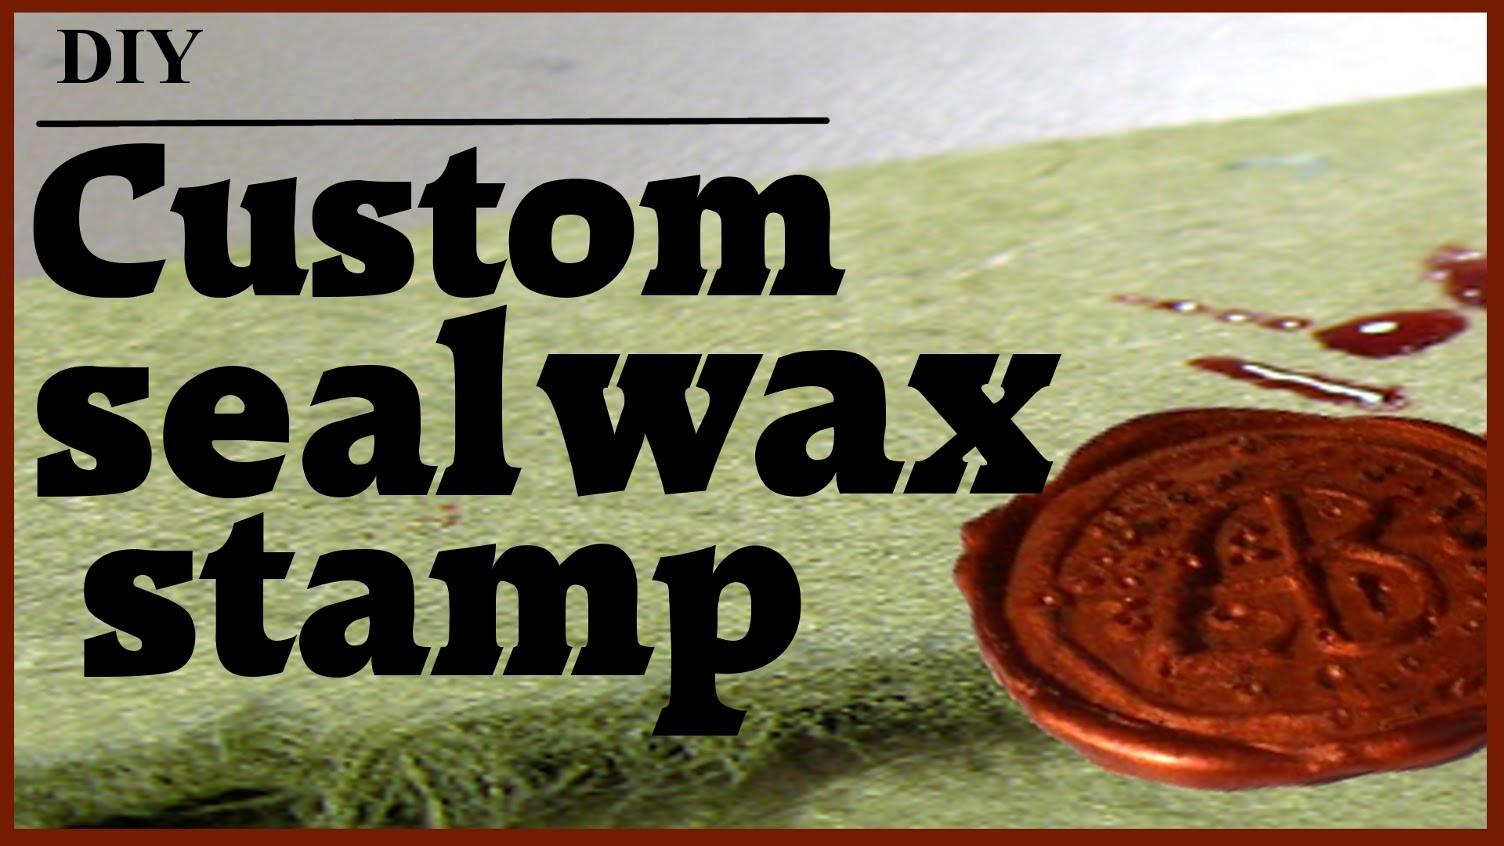 How to make your own seal wax. Como hacer tu propio sello de lacre para invitaciones, bodas